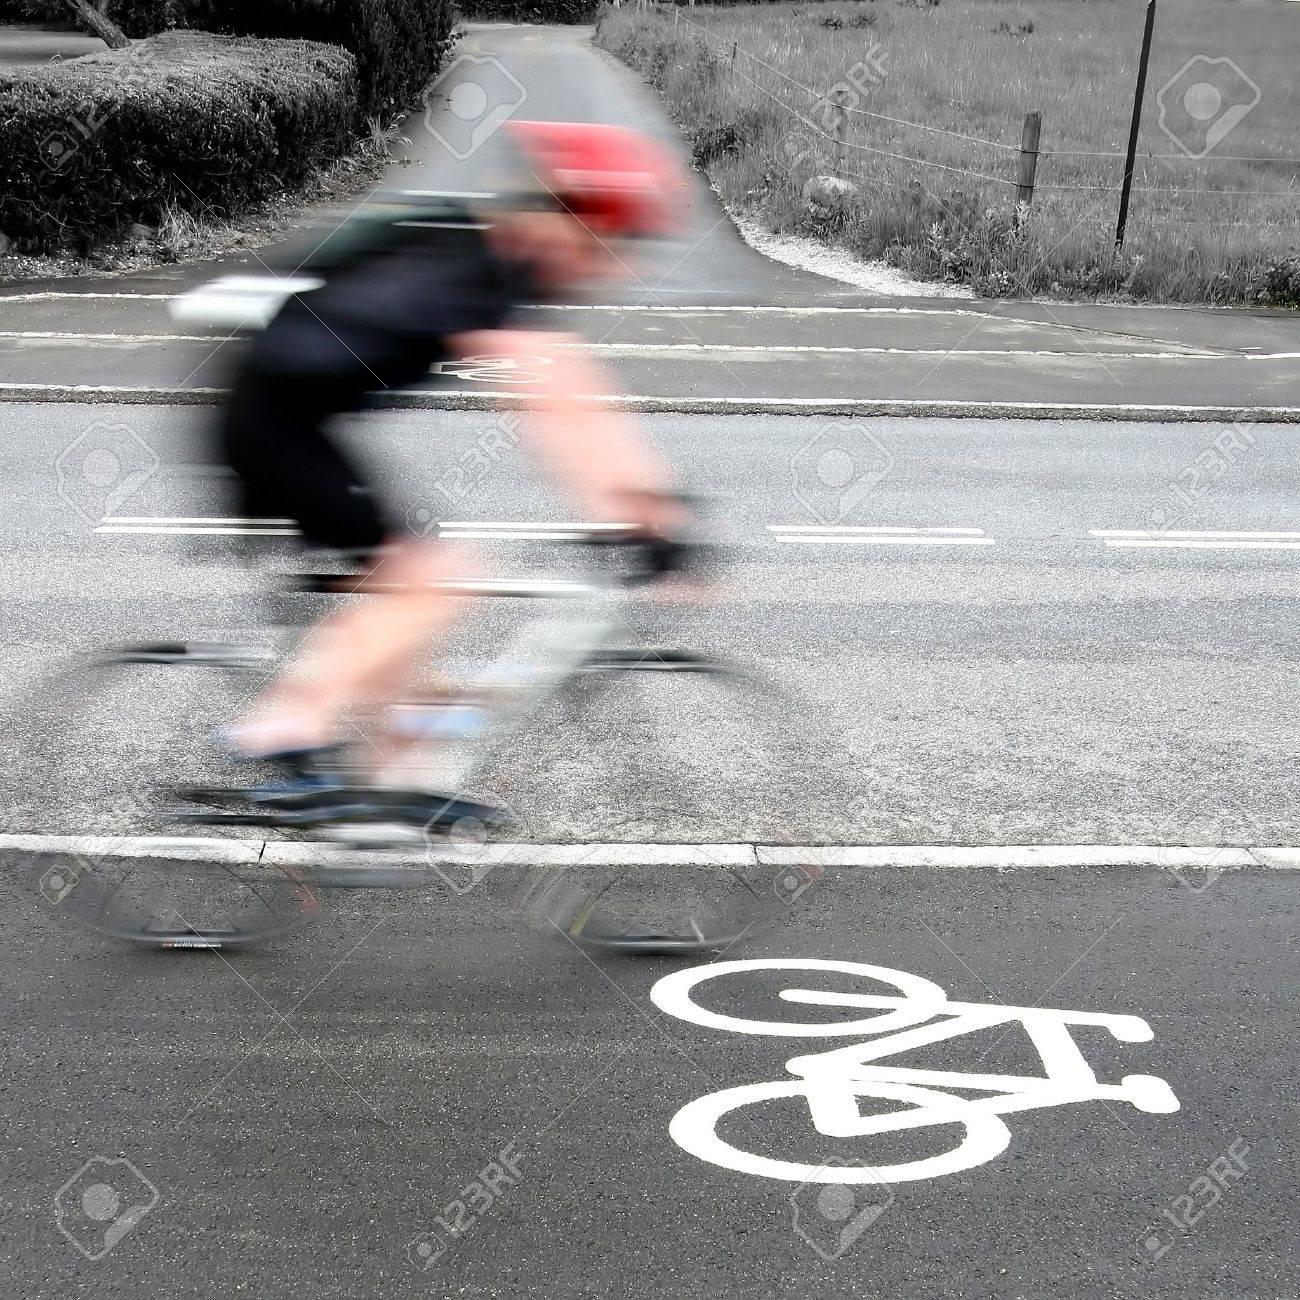 course de vélo au Danemark, en passant par les cyclistes sont un signe de vélo sur la route. Tourné avec la vitesse d'obturation faible pour atteindre le flou de mouvement Banque d'images - 11752317